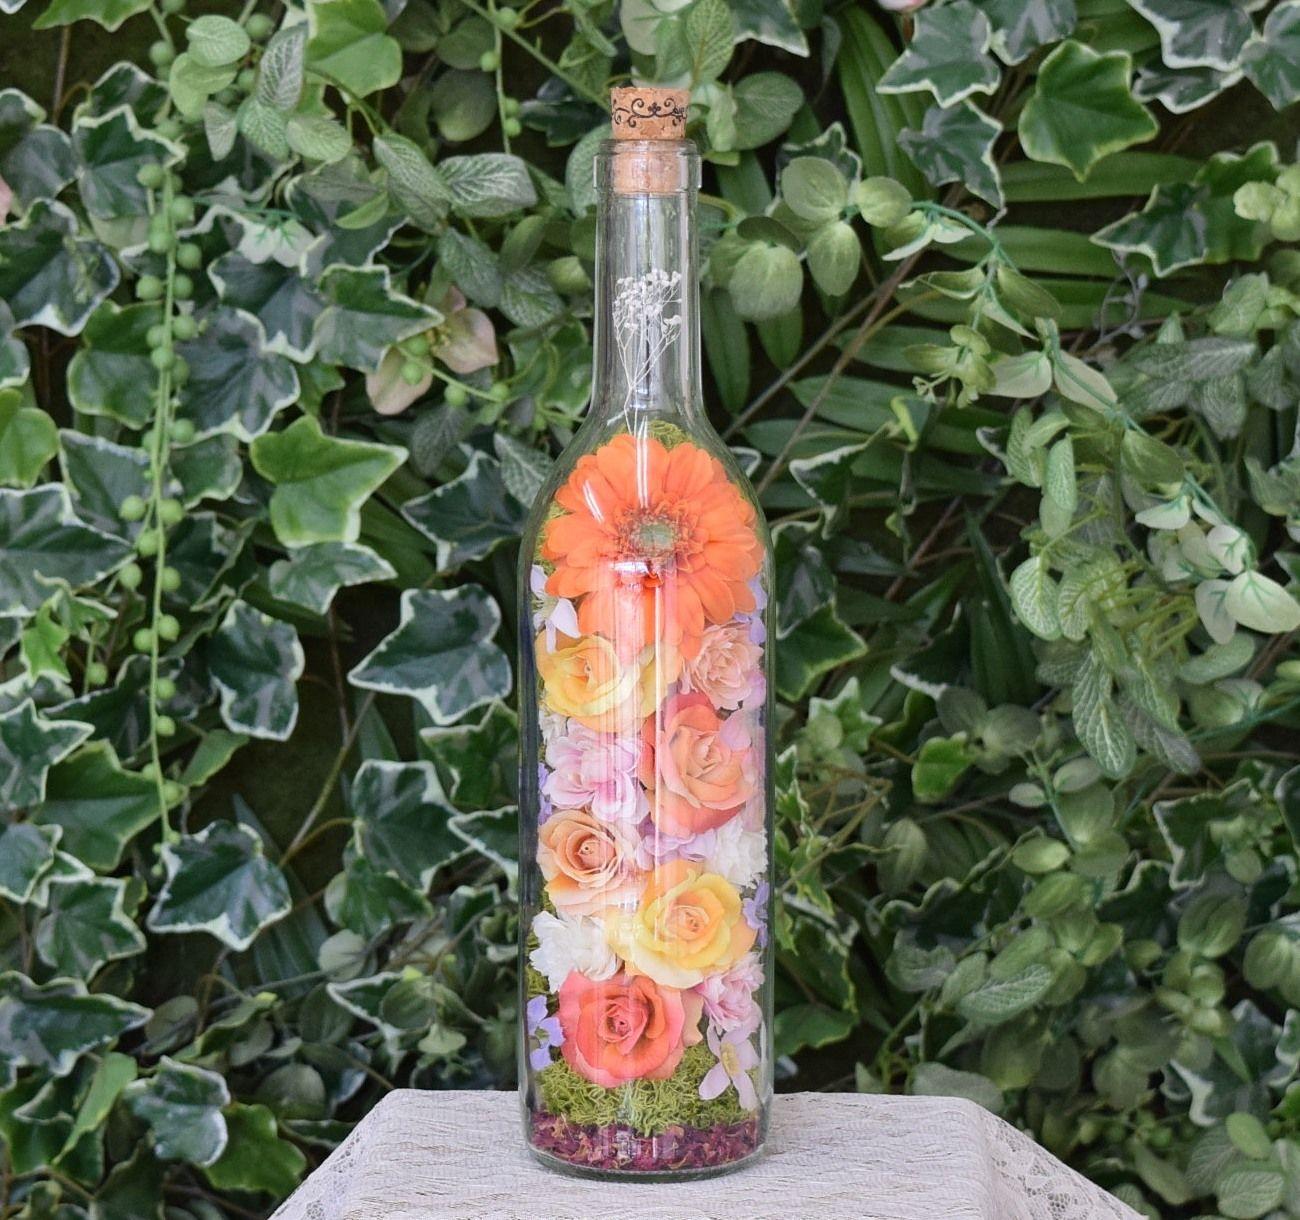 Bottle Flower cocorohana M order